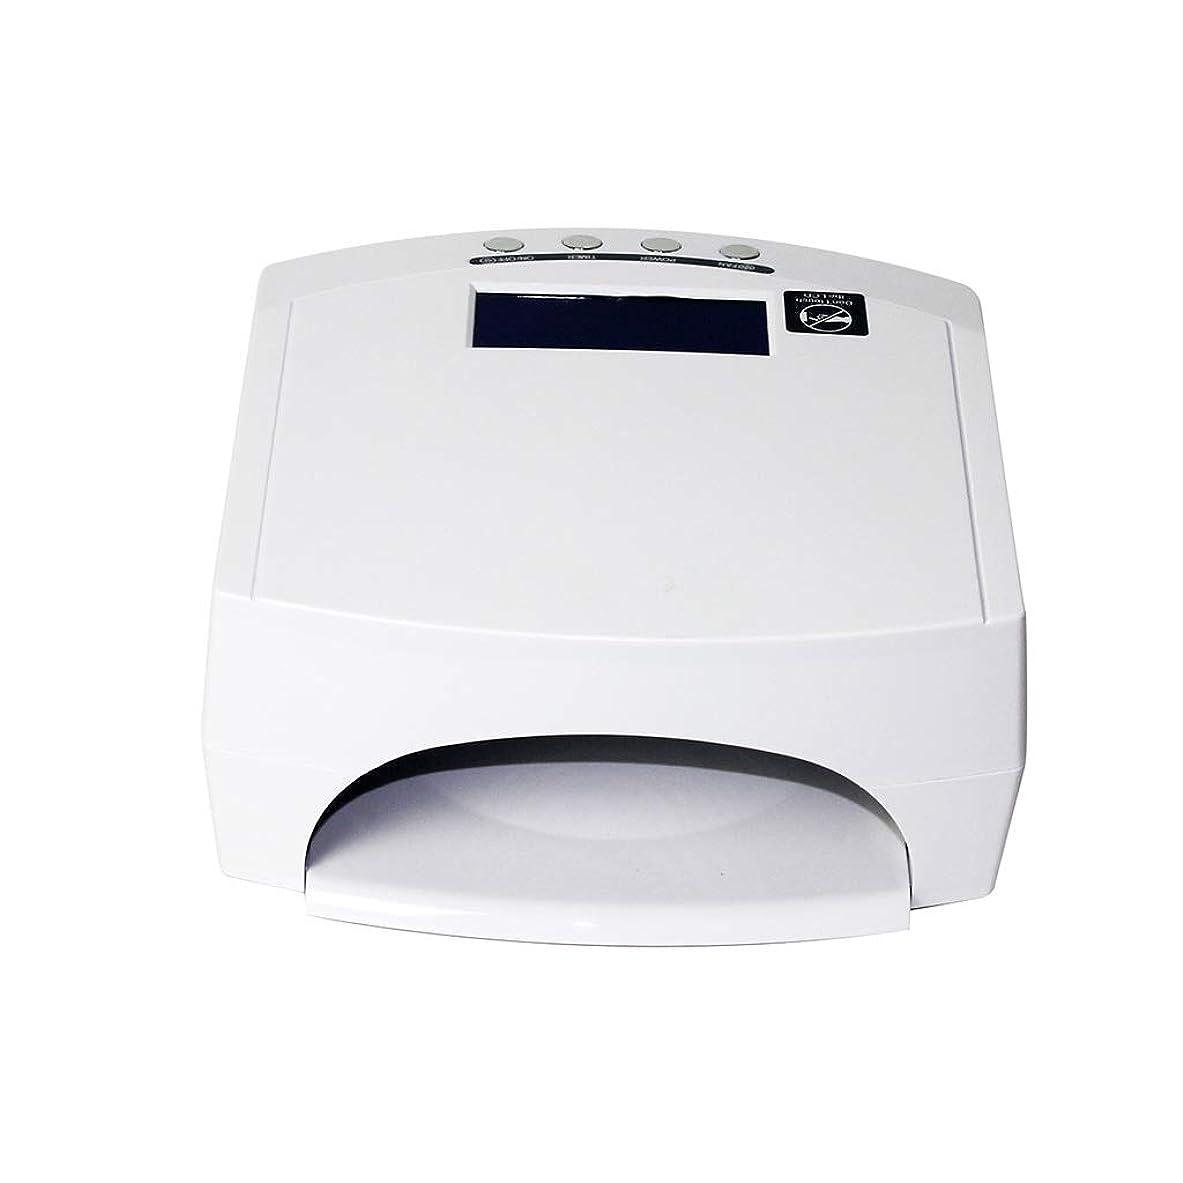 グリット実際の一般化する赤外線光線療法装置48W自動インテリジェント誘導LED爪乾燥ランプ